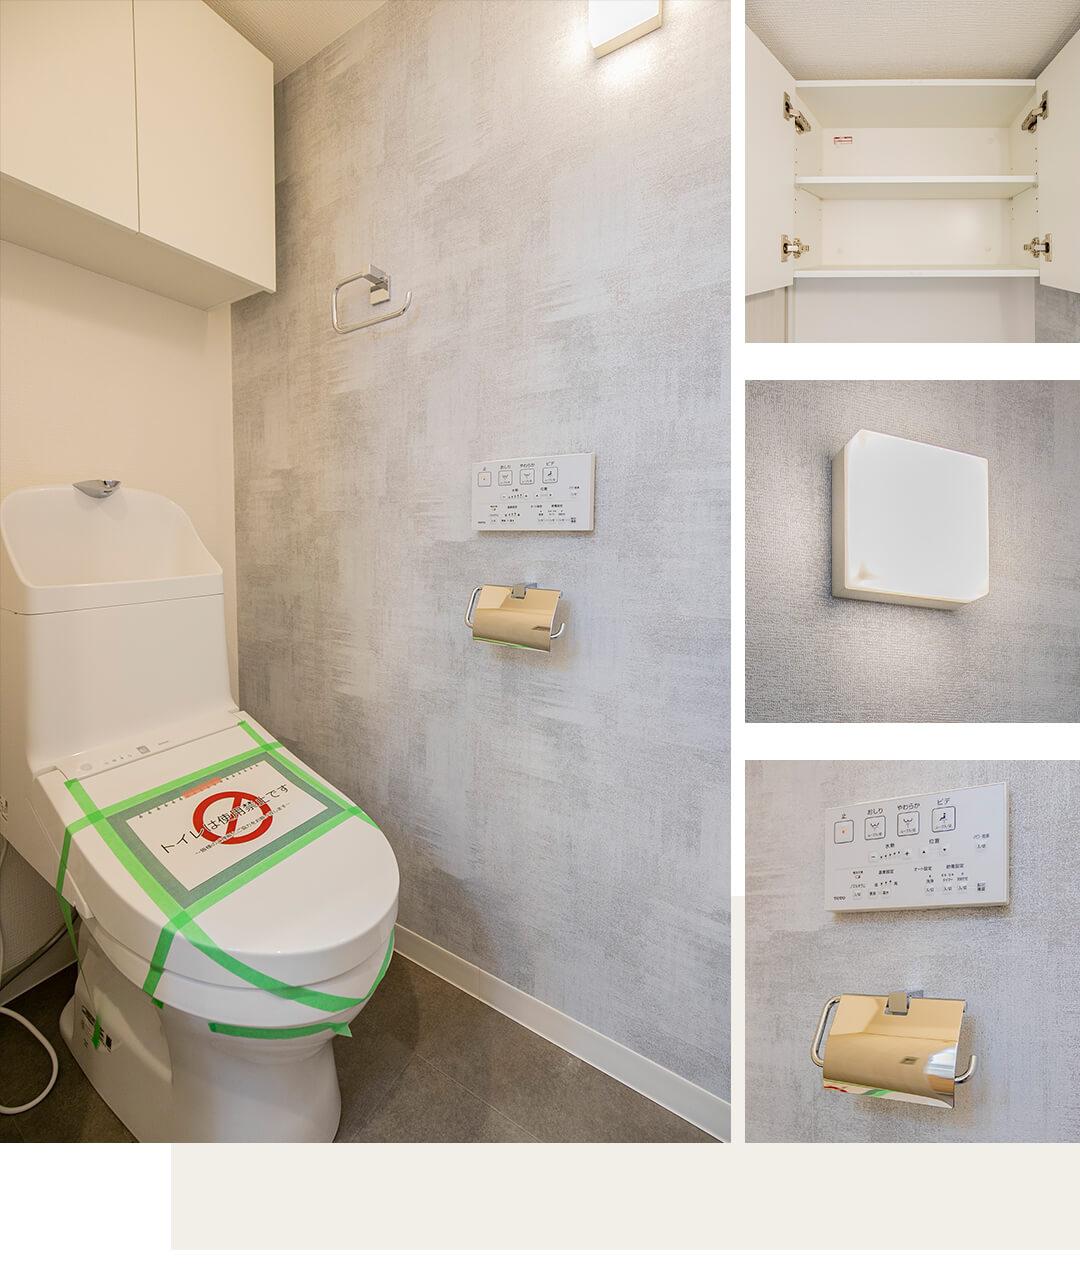 日神デュオステージ早稲田のトイレ